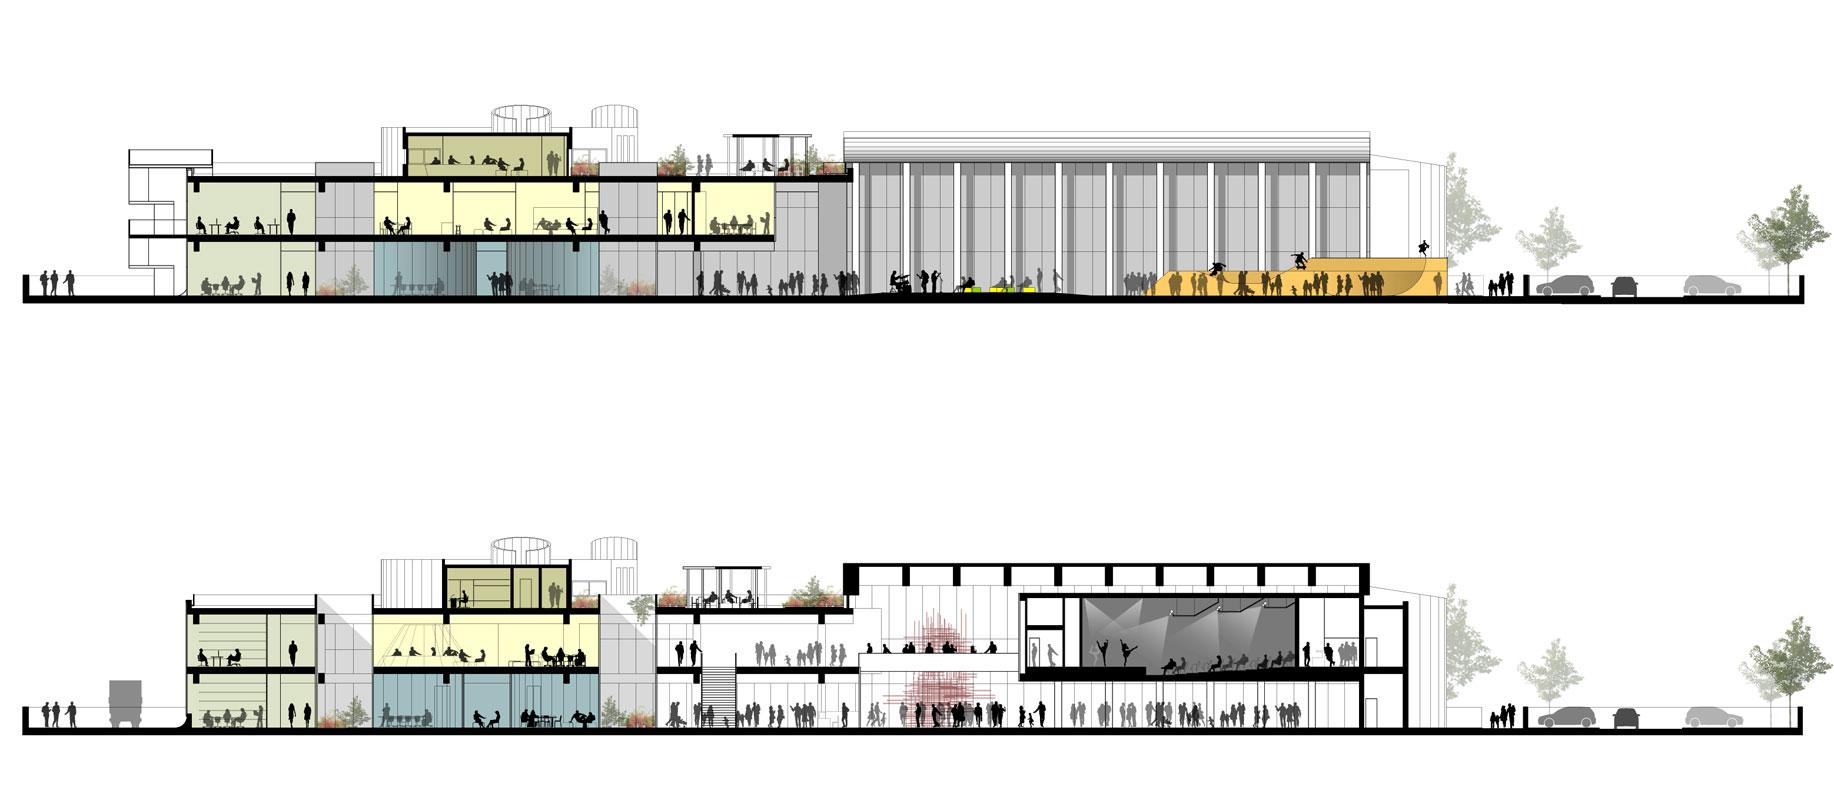 Progetti projects filippo raggi architettofilippo raggi architetto - Tavola valdese progetti approvati 2015 ...